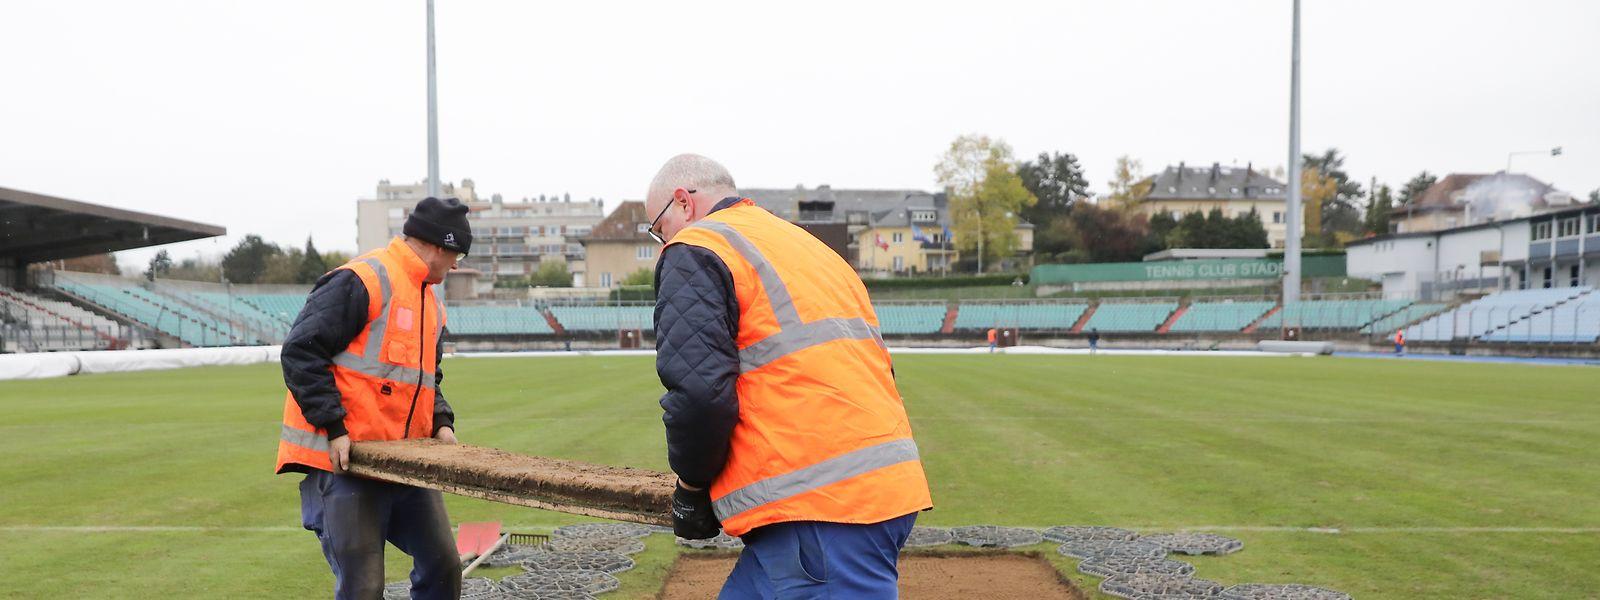 Le délégué de l'UEFA ne transige pas. C'est une réfection complète de la pelouse du stade Josy Barthel qu'il a imposée.